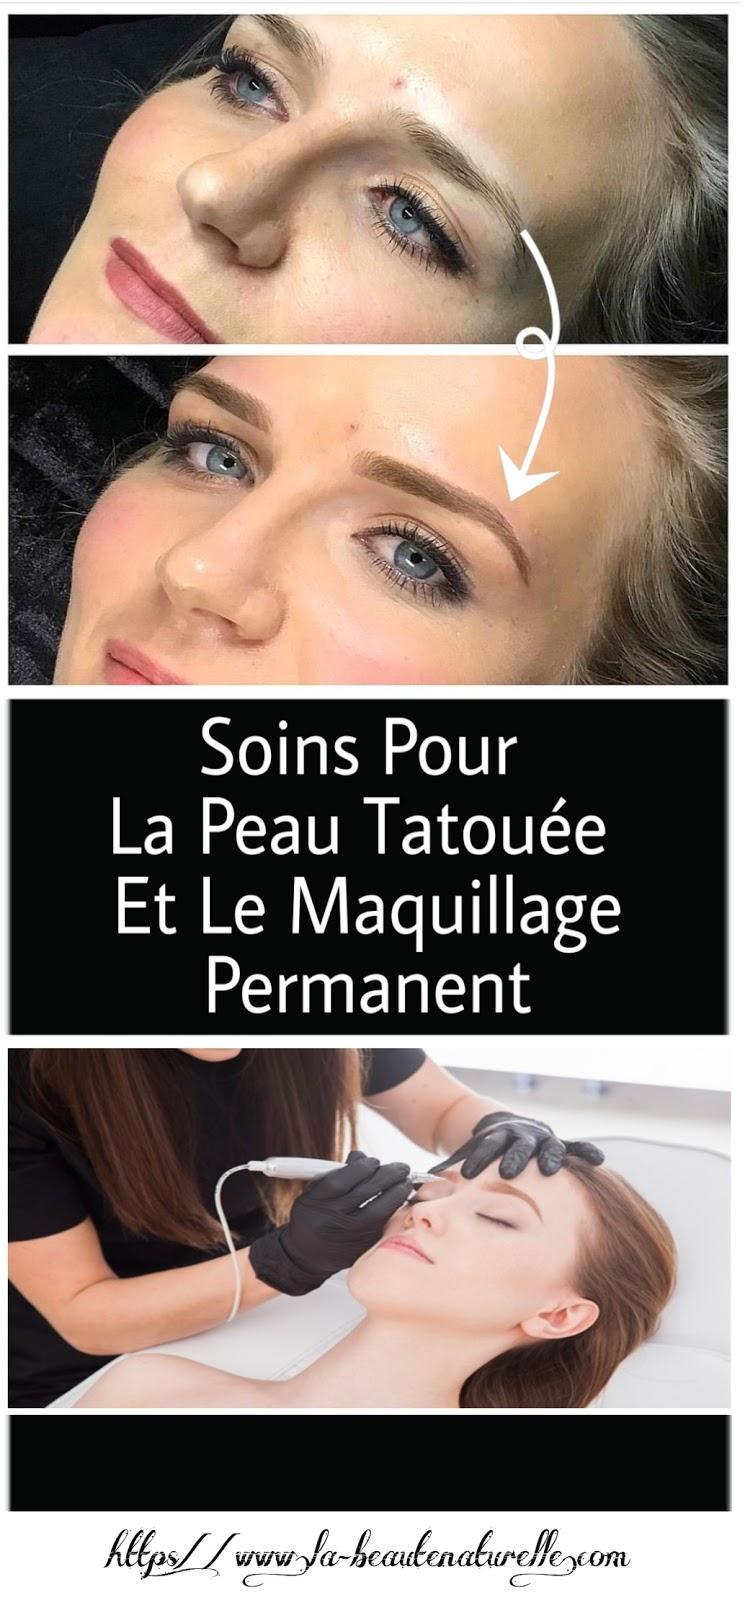 Soins Pour La Peau Tatouée Et Le Maquillage Permanent